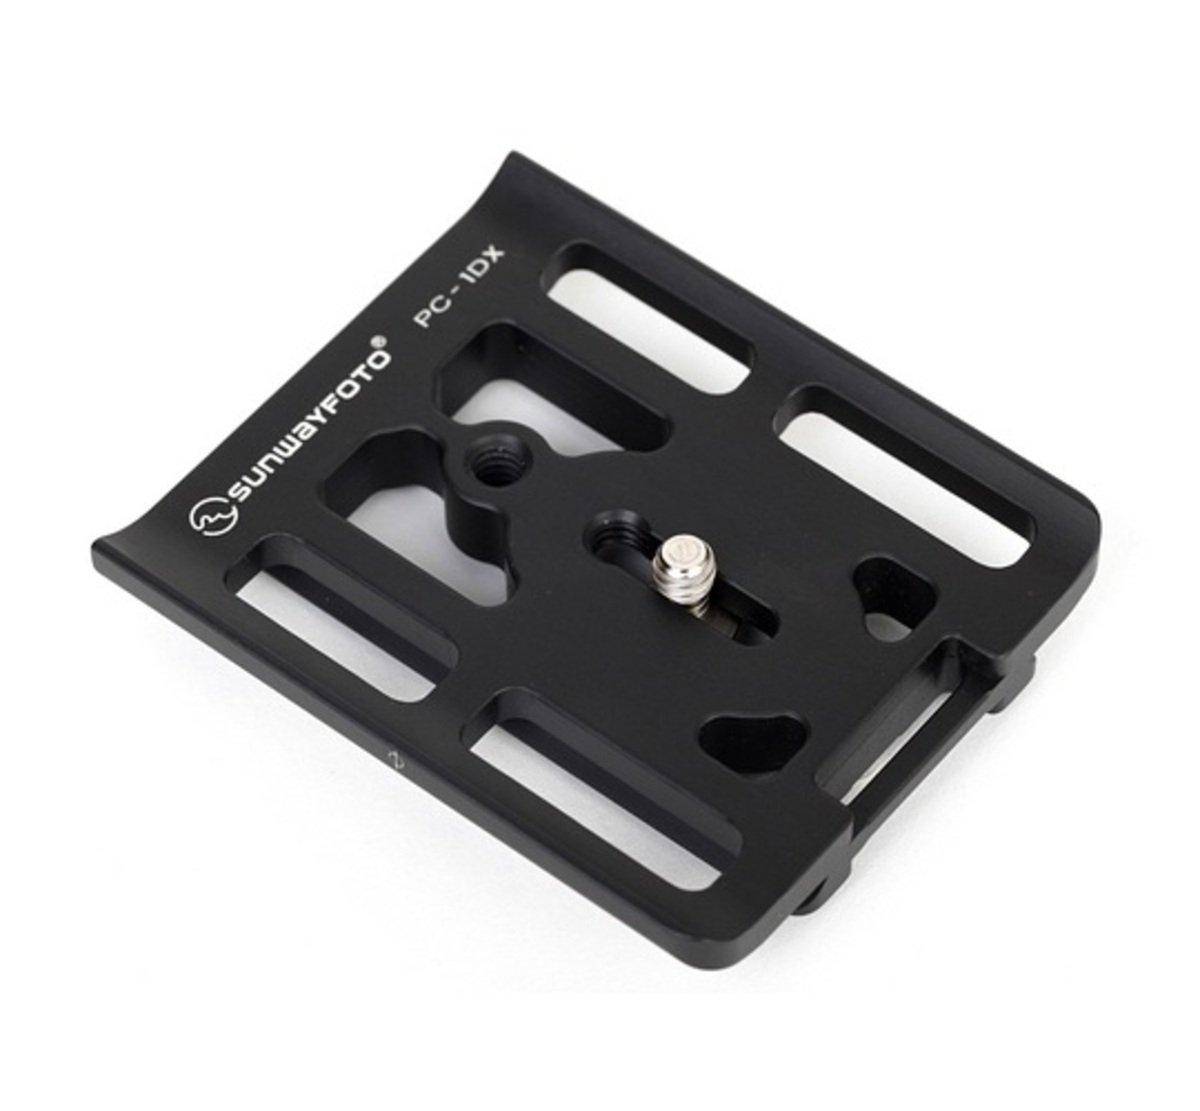 佳能1DX相機專用快裝板 PC-1DX